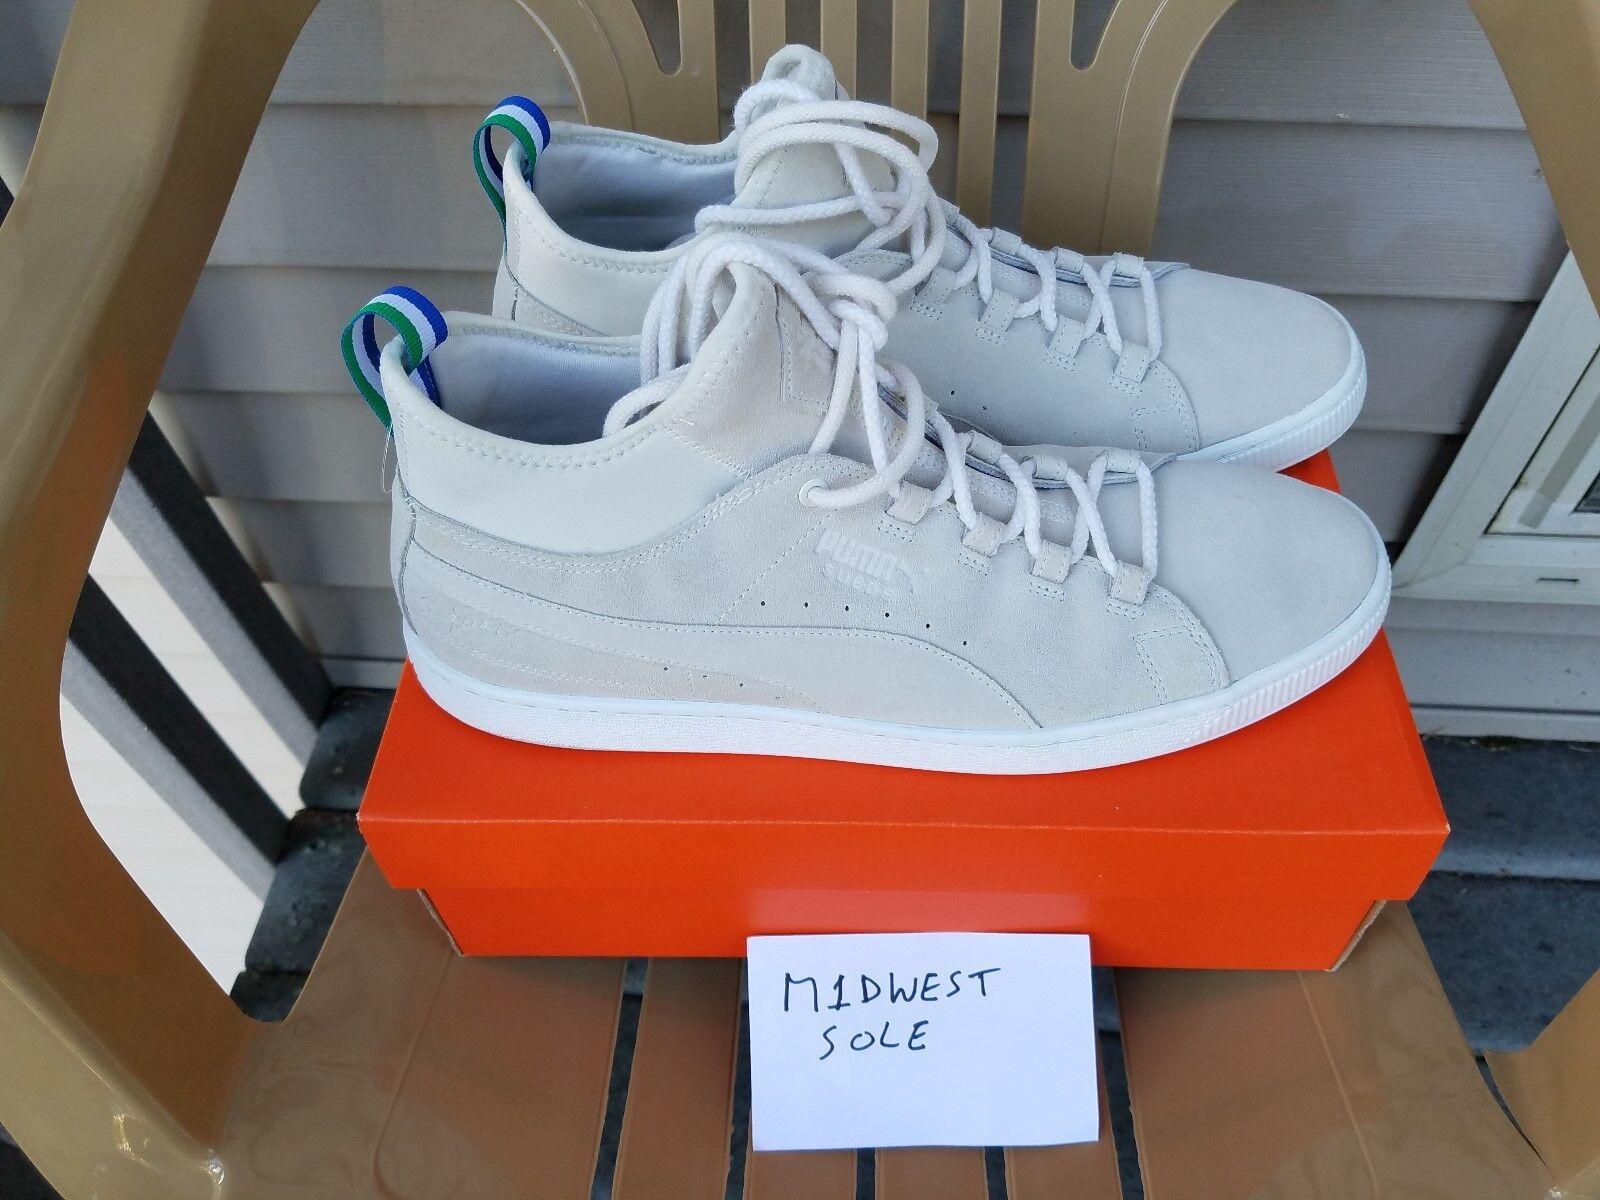 Puma Big Sean Suede 50 Mid-Top Sneakers Grey Suede Size 13